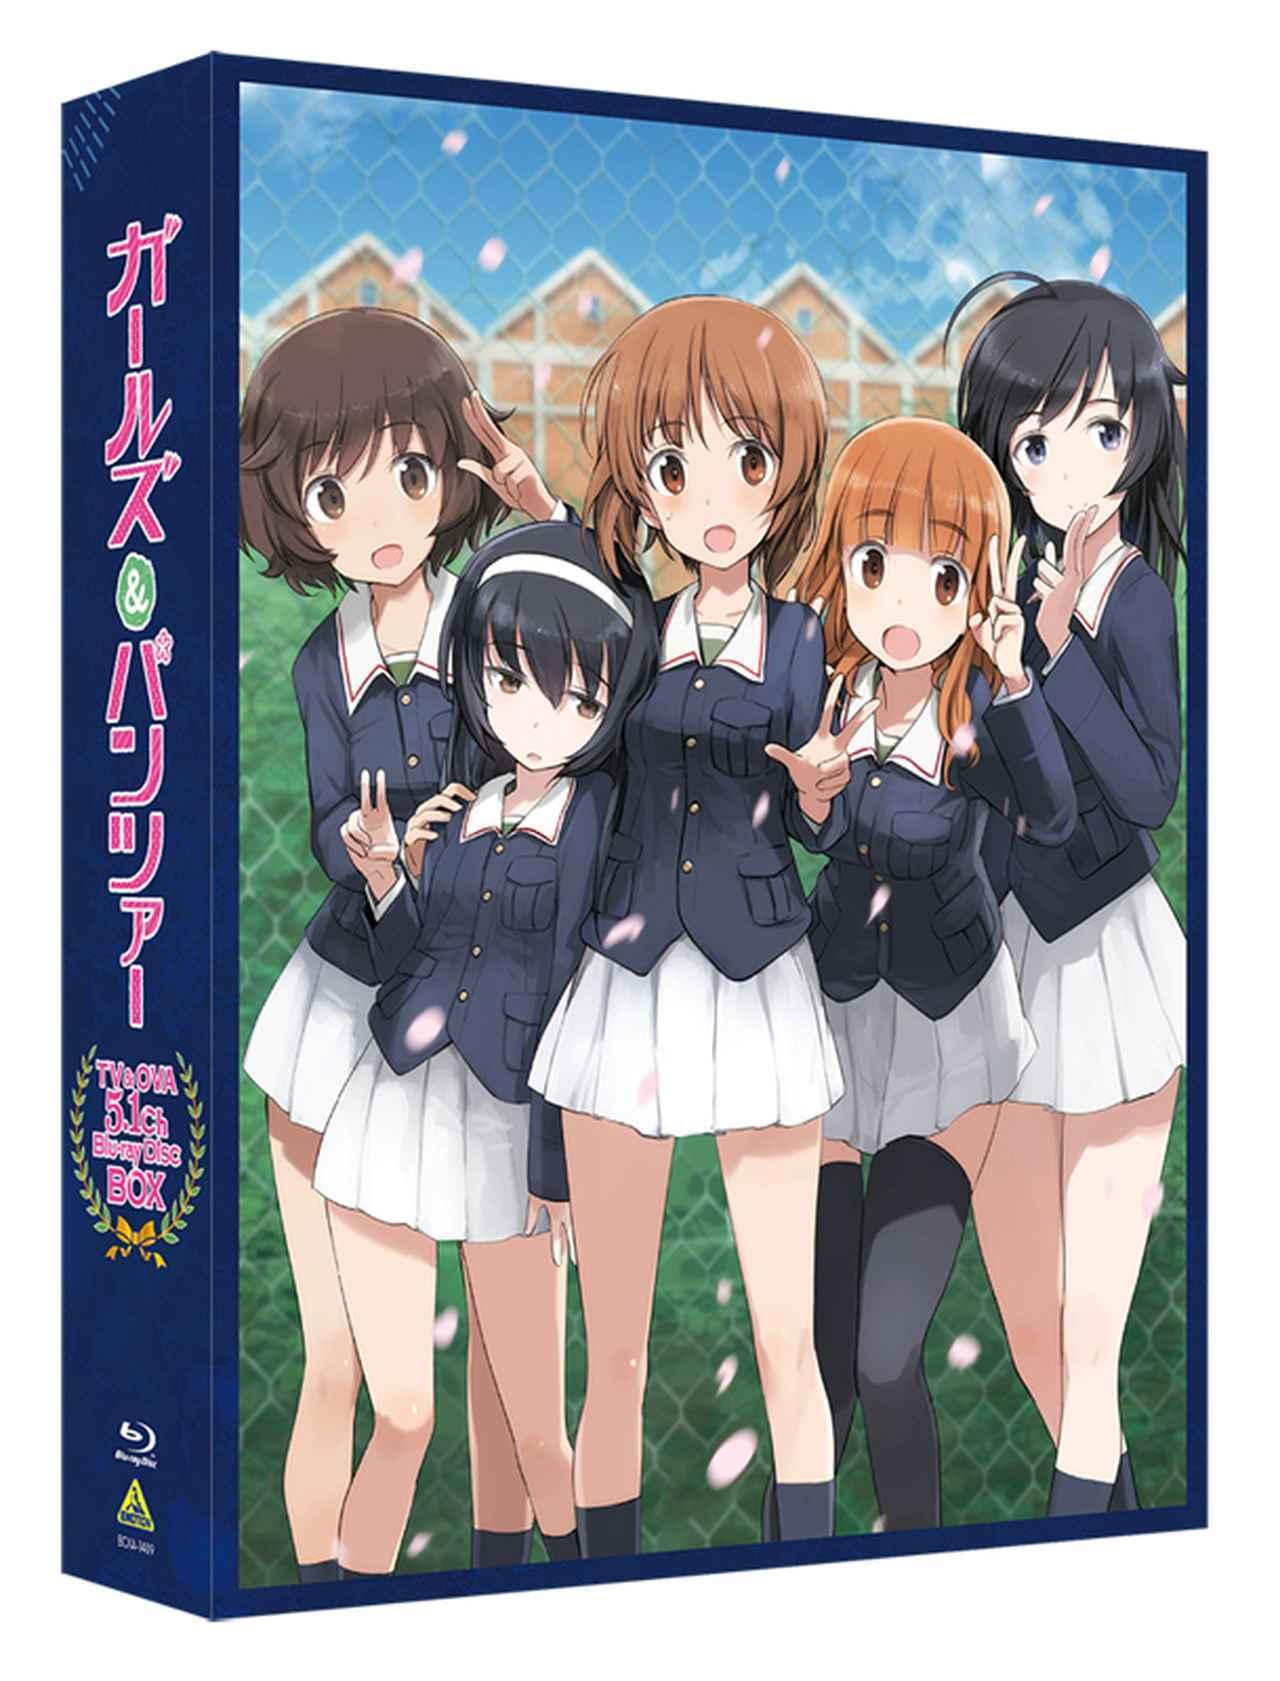 画像: 『ガールズ&パンツァー TV&OVA 5.1ch Blu-ray Disc BOX』